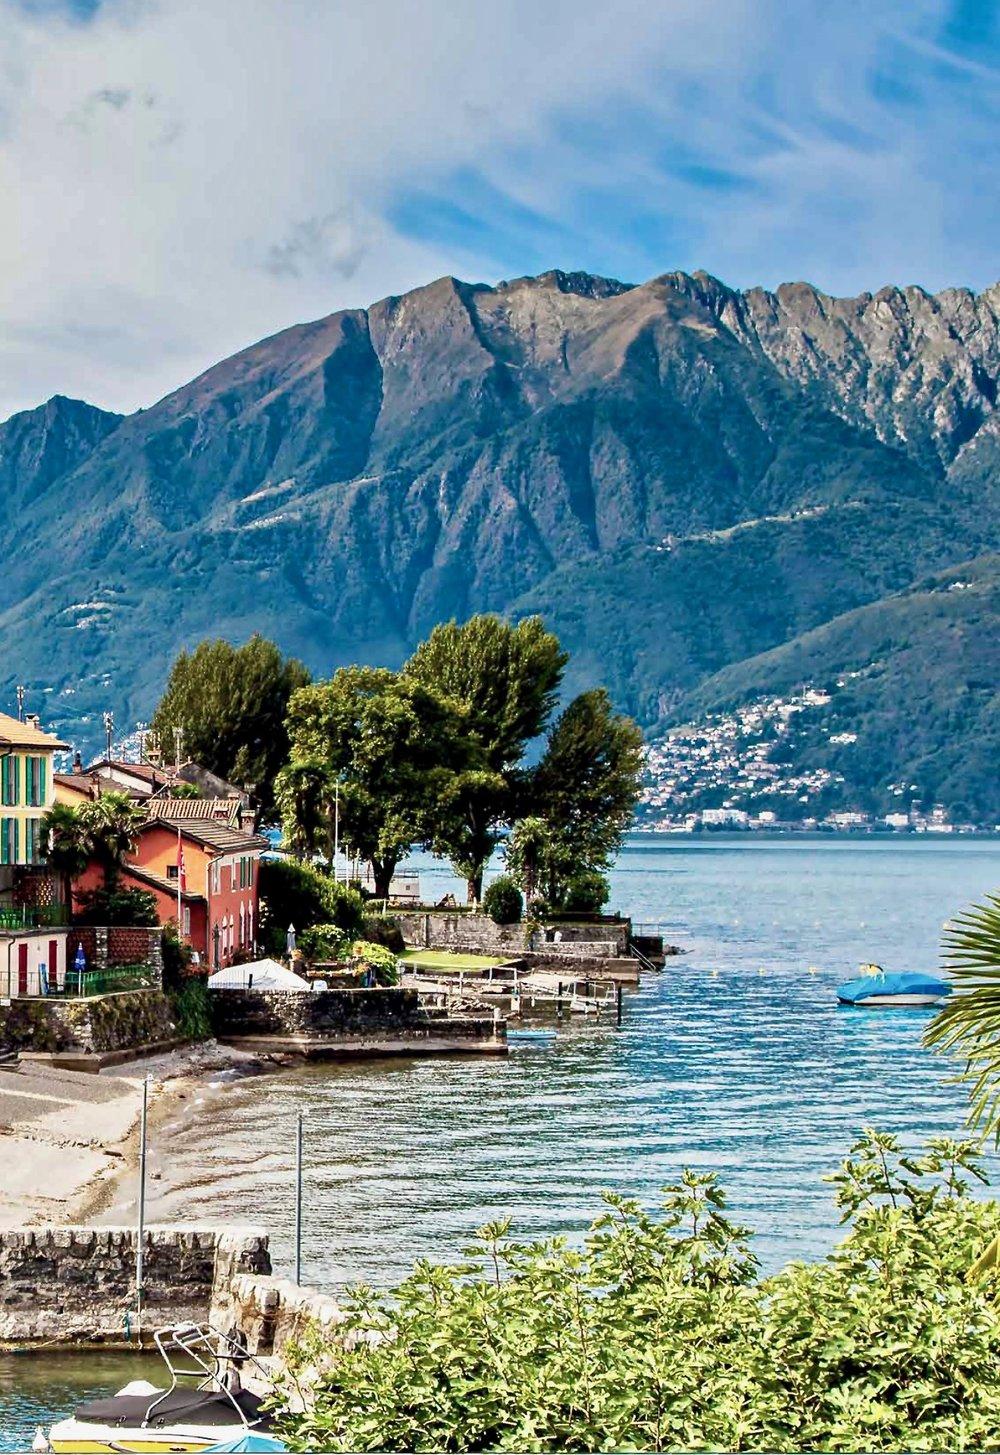 Lungo lago, Gambarogno, Lago Maggiore, Svizzera